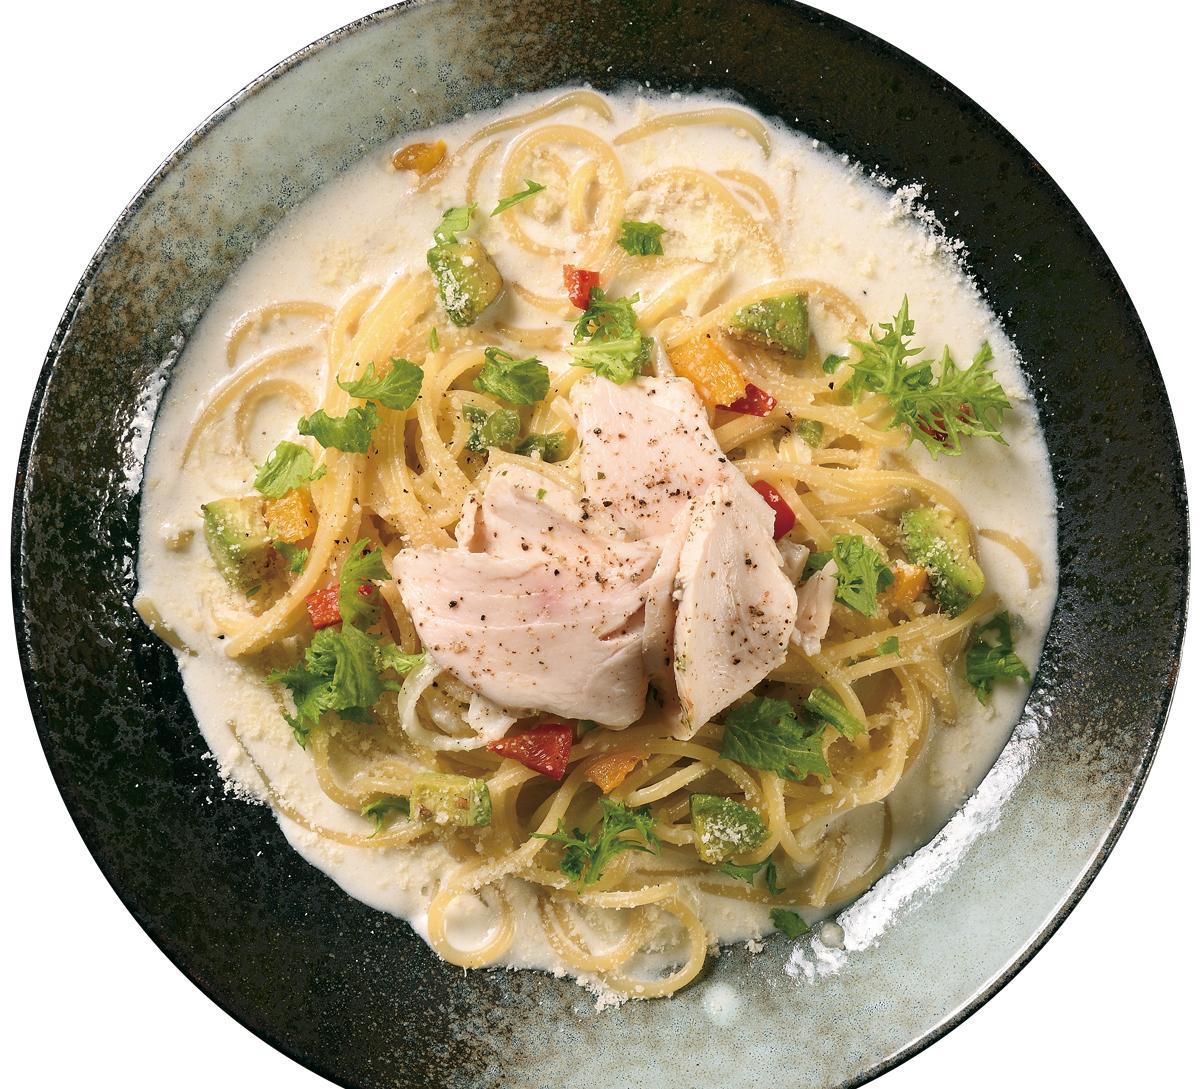 昨年のキングオブパスタ優勝「赤城鶏の鶏ハムとほんのりワサビのクリームソース」(1,298円)、高崎産小麦の生パスタでブラッシュアップ